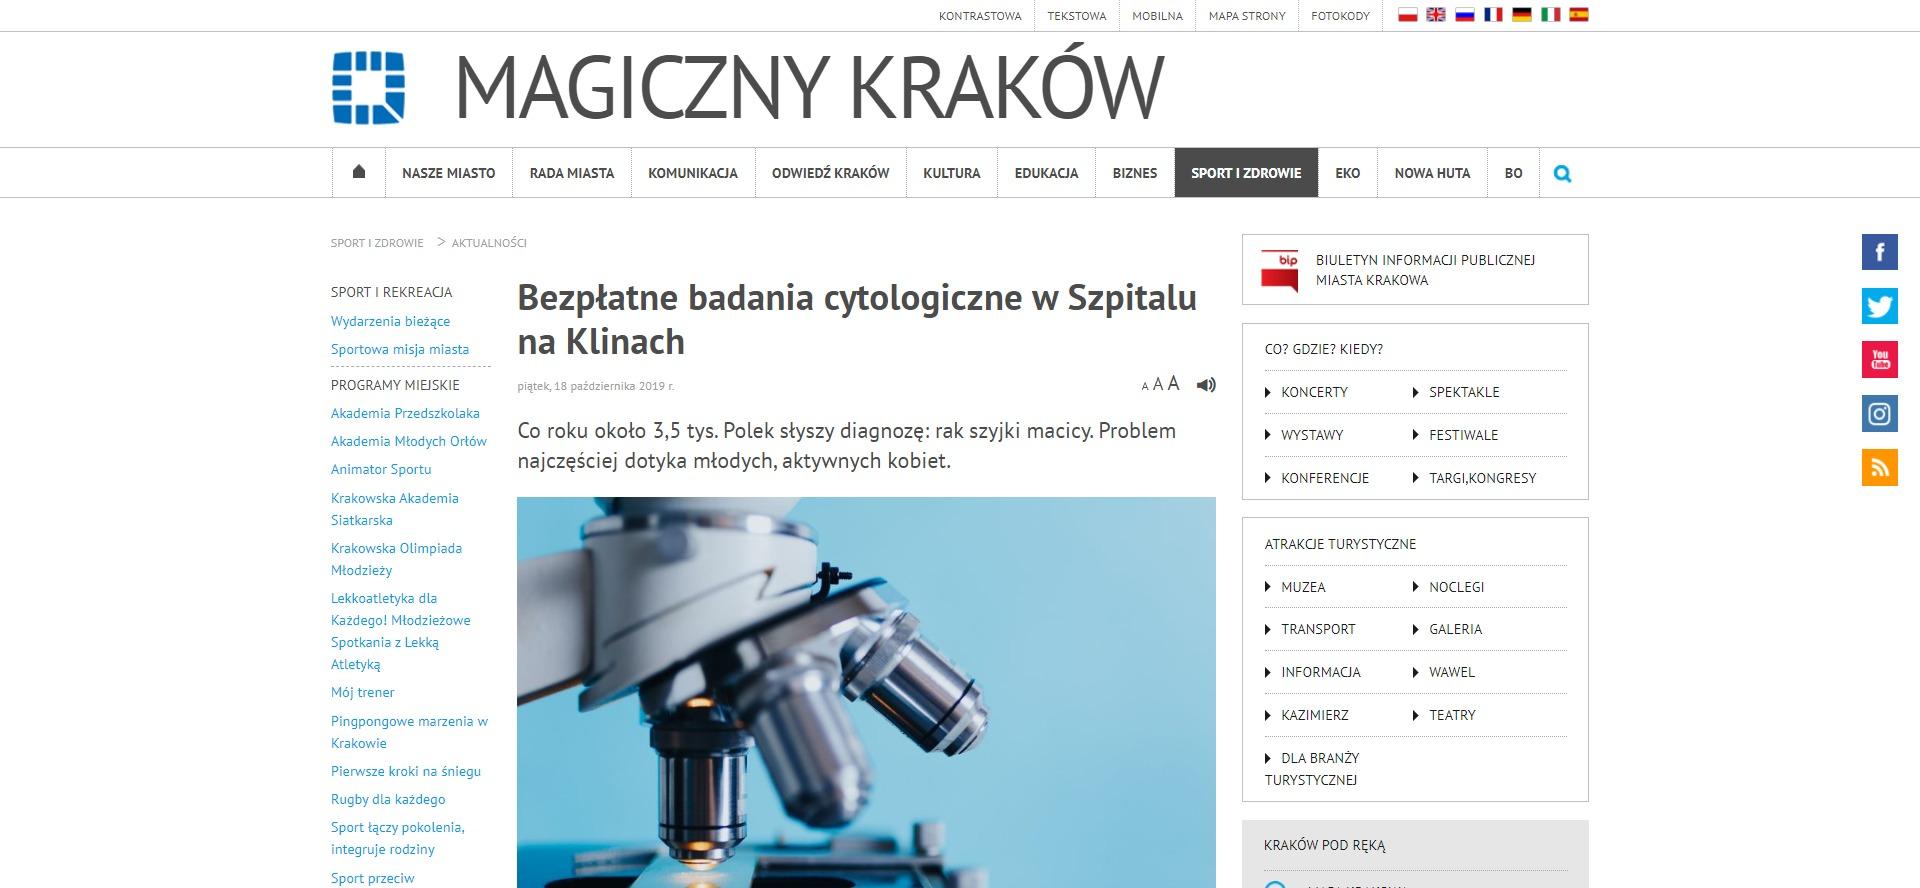 Bezpłatne badania cytologiczne w Szpitalu na Klinach